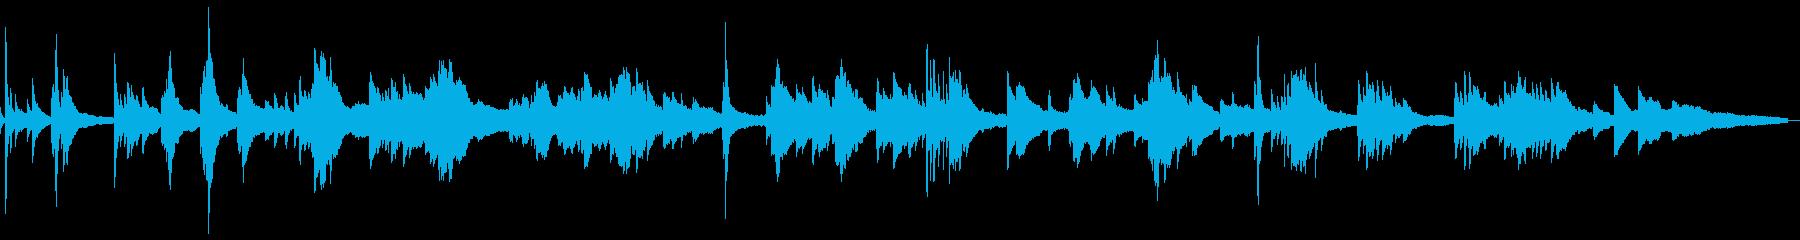 暗くしっとりとした雰囲気4-ピアノソロの再生済みの波形